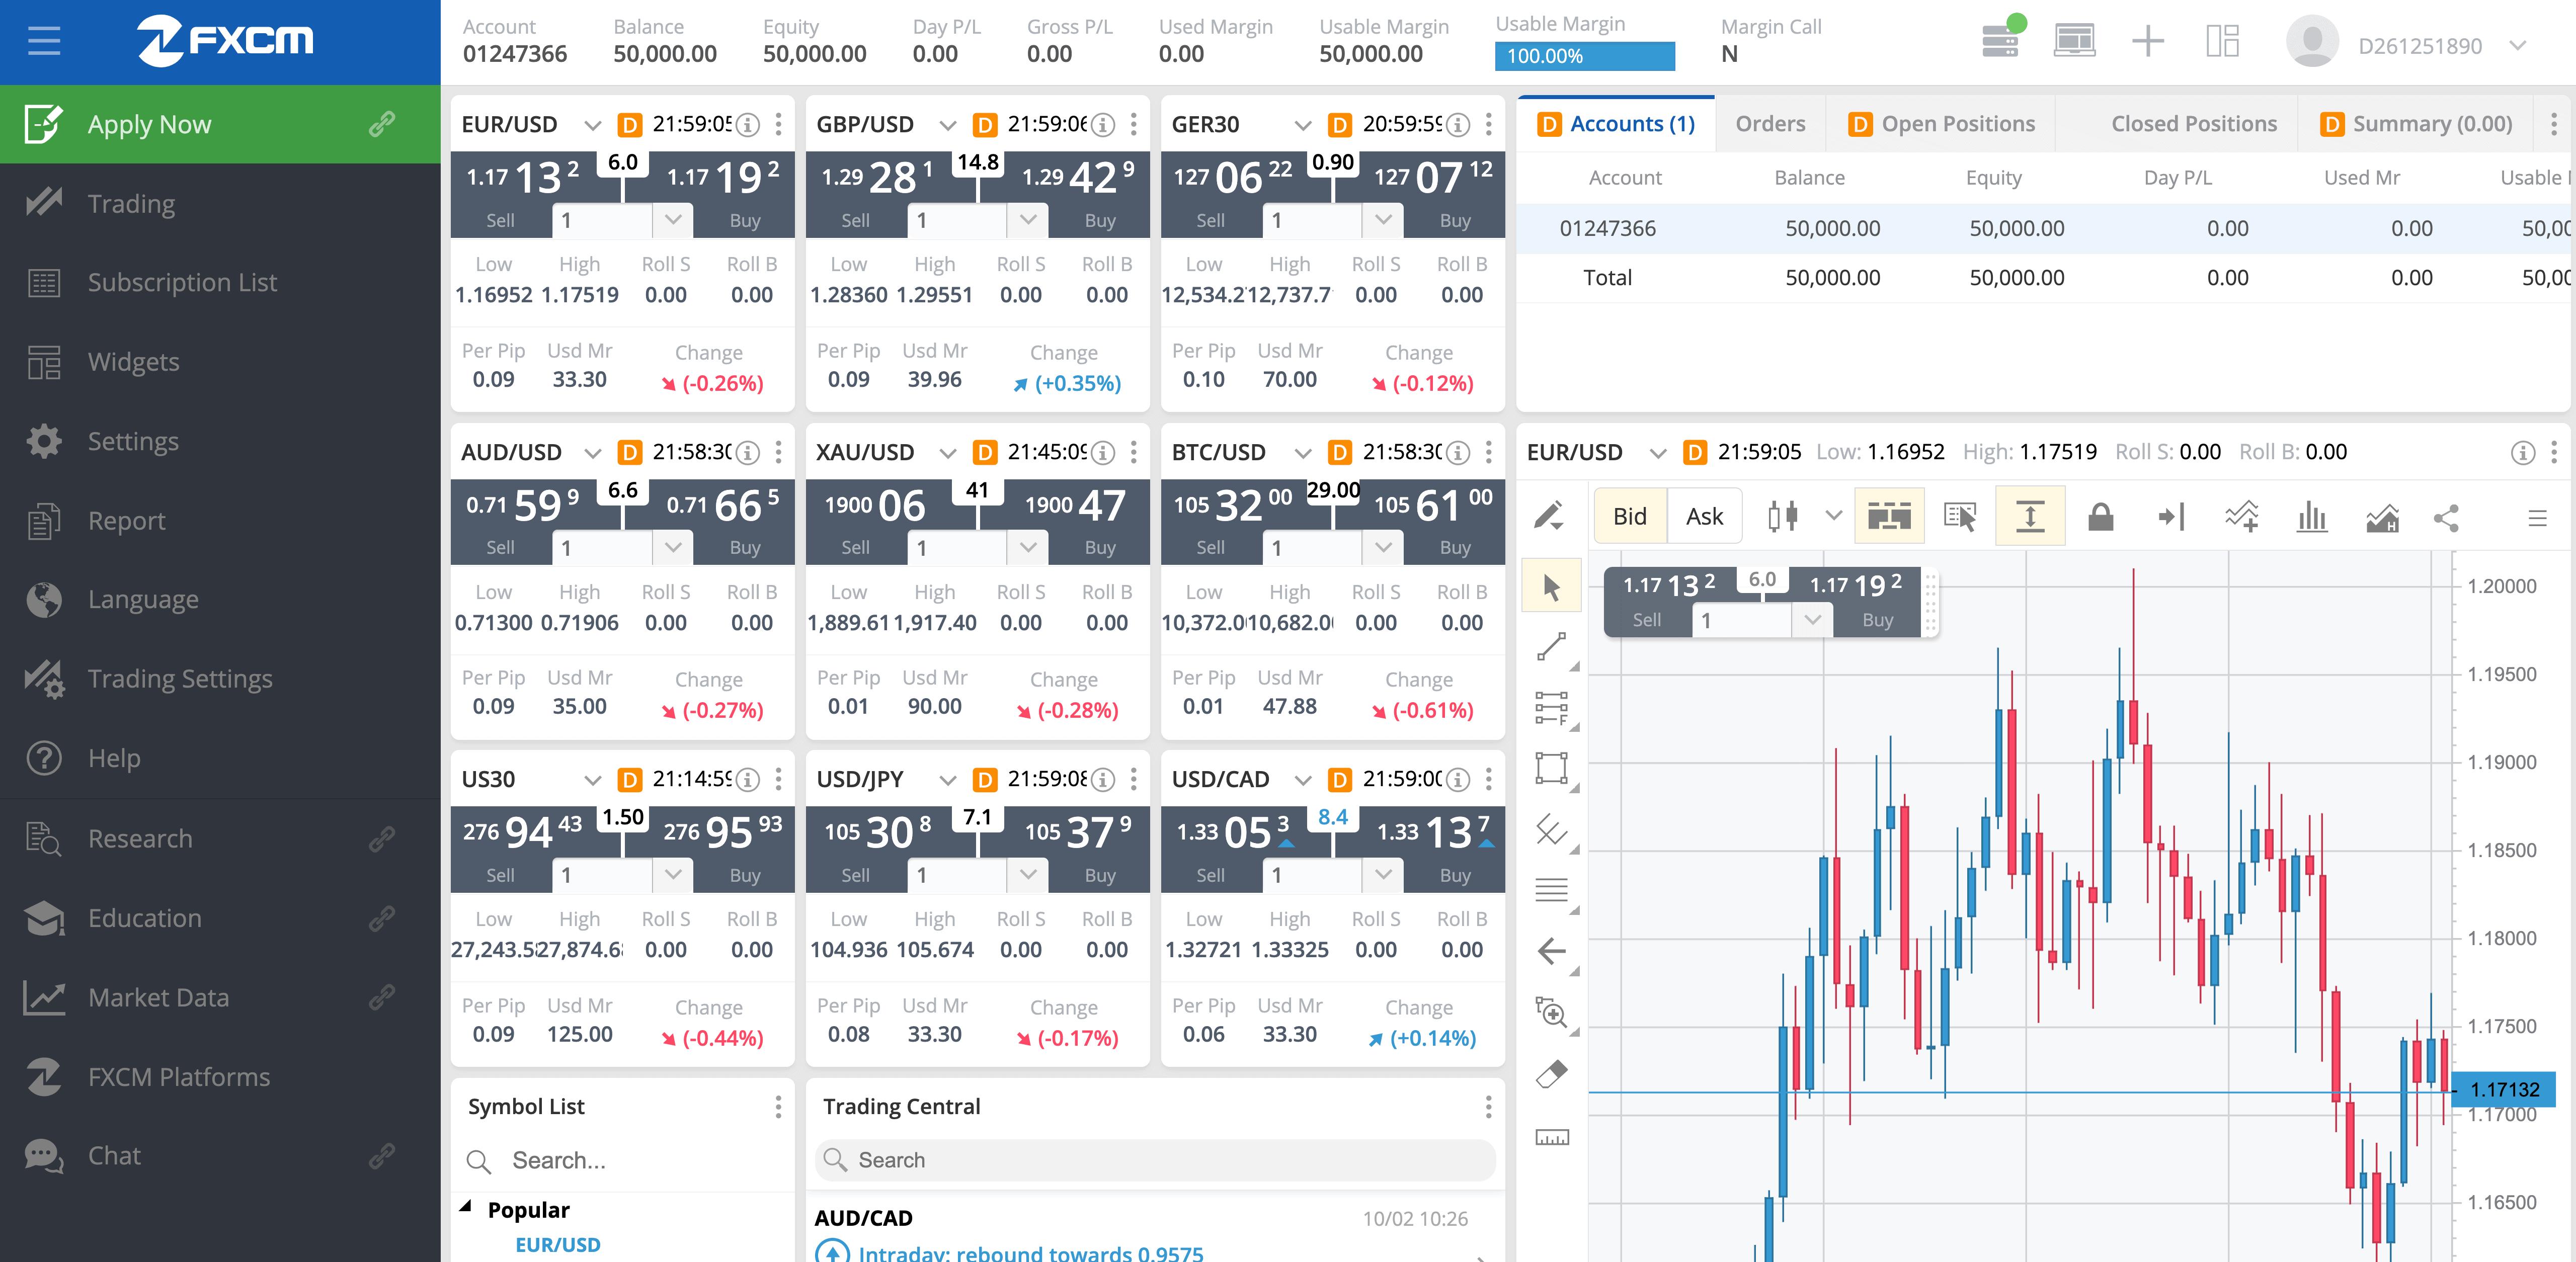 FXCM trading dashboard